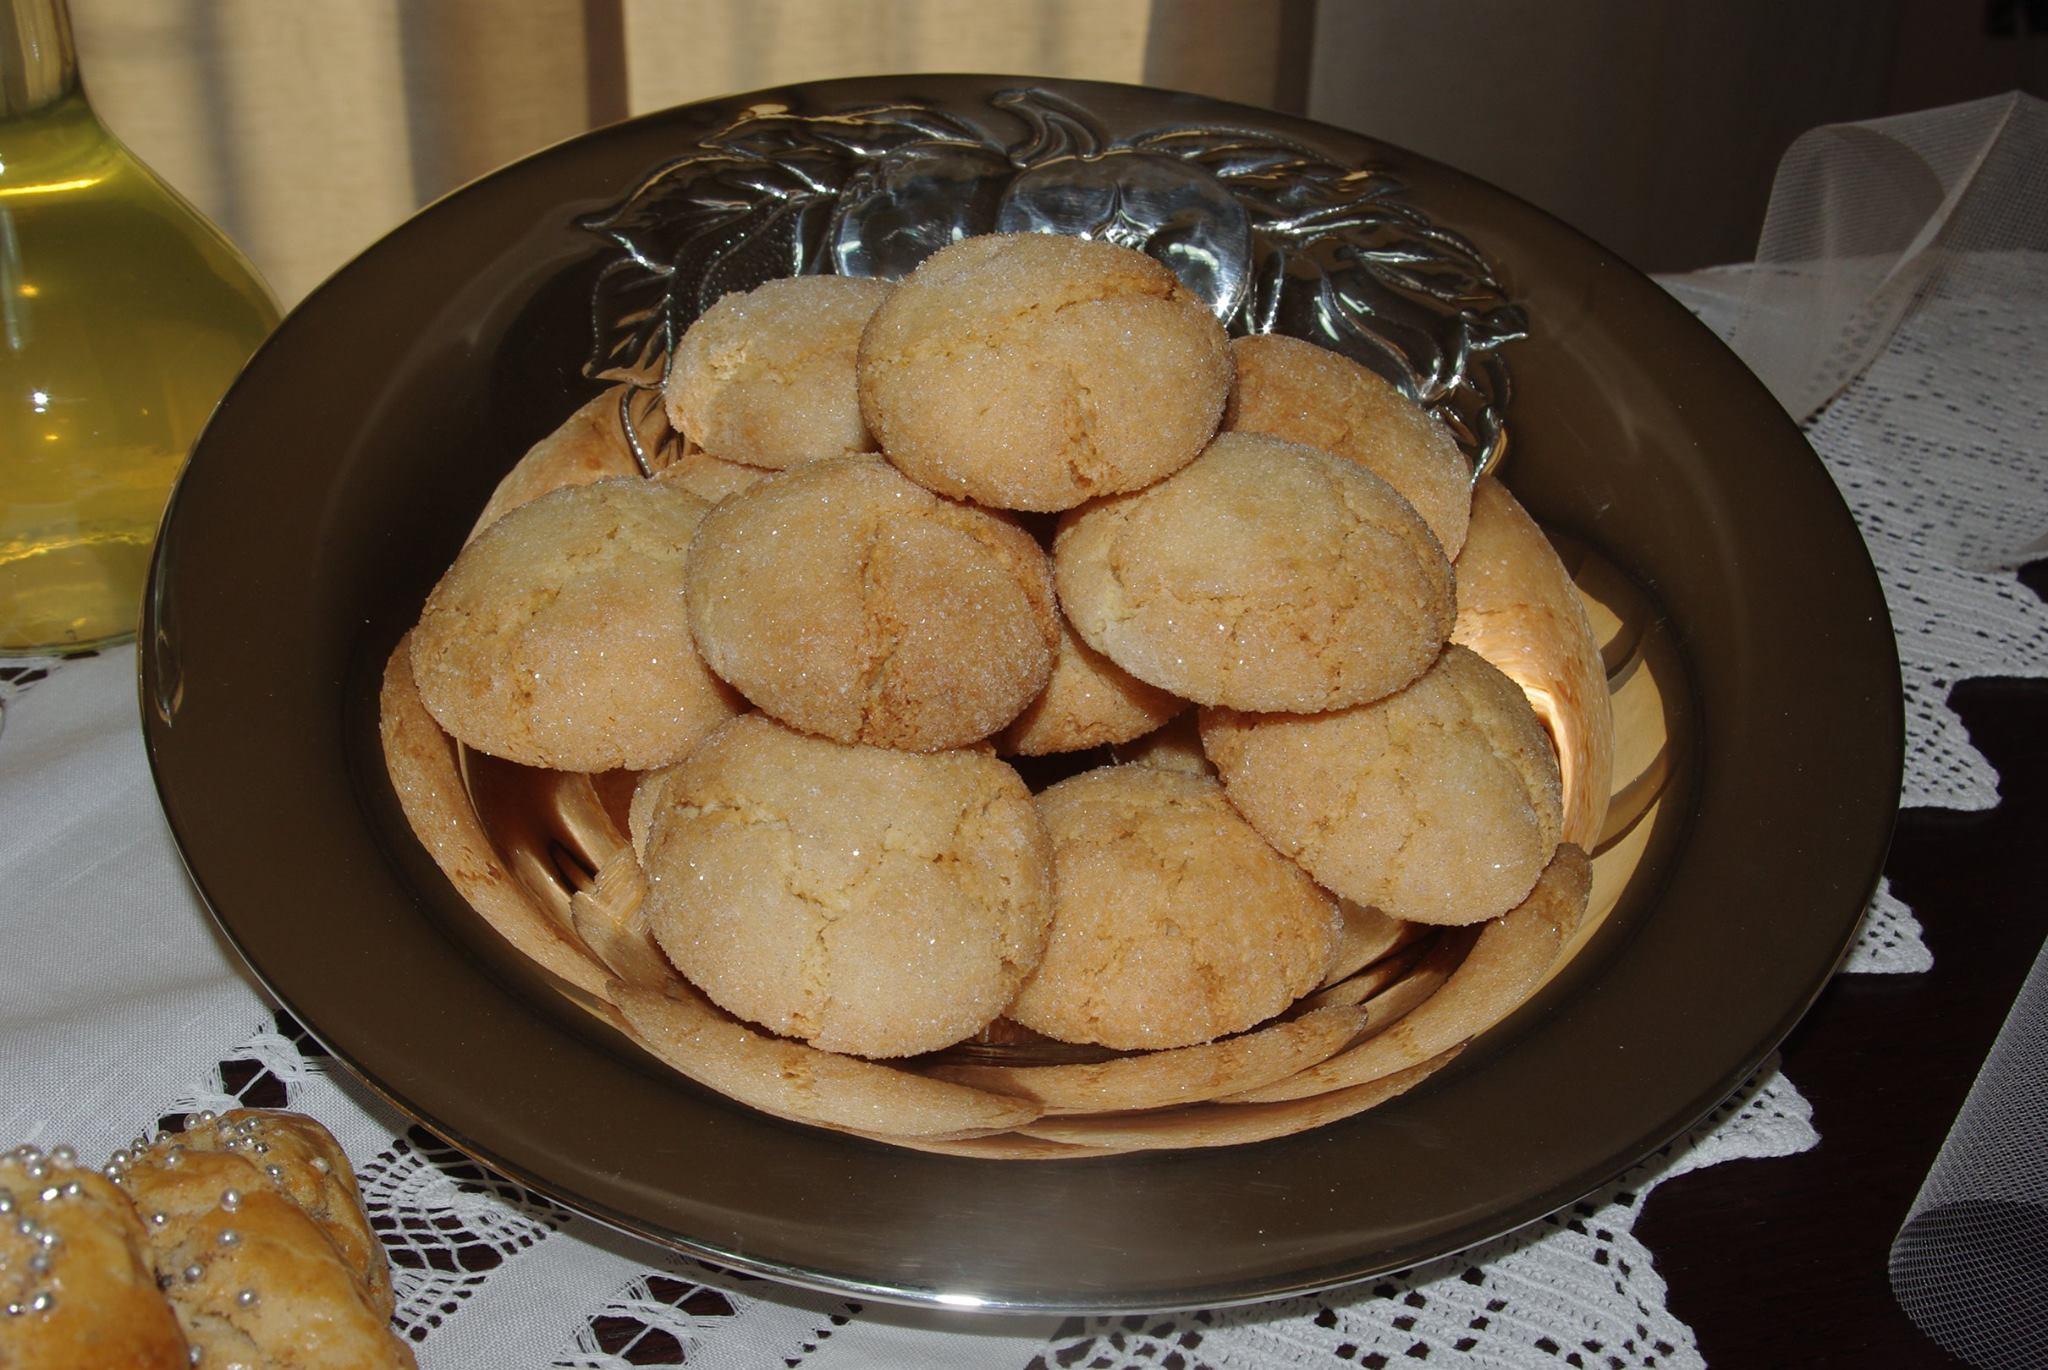 Amarettos: Mandorle ,  zucchero, albume… profumano di amarognolo gli amaretti fatti come da tradizione.